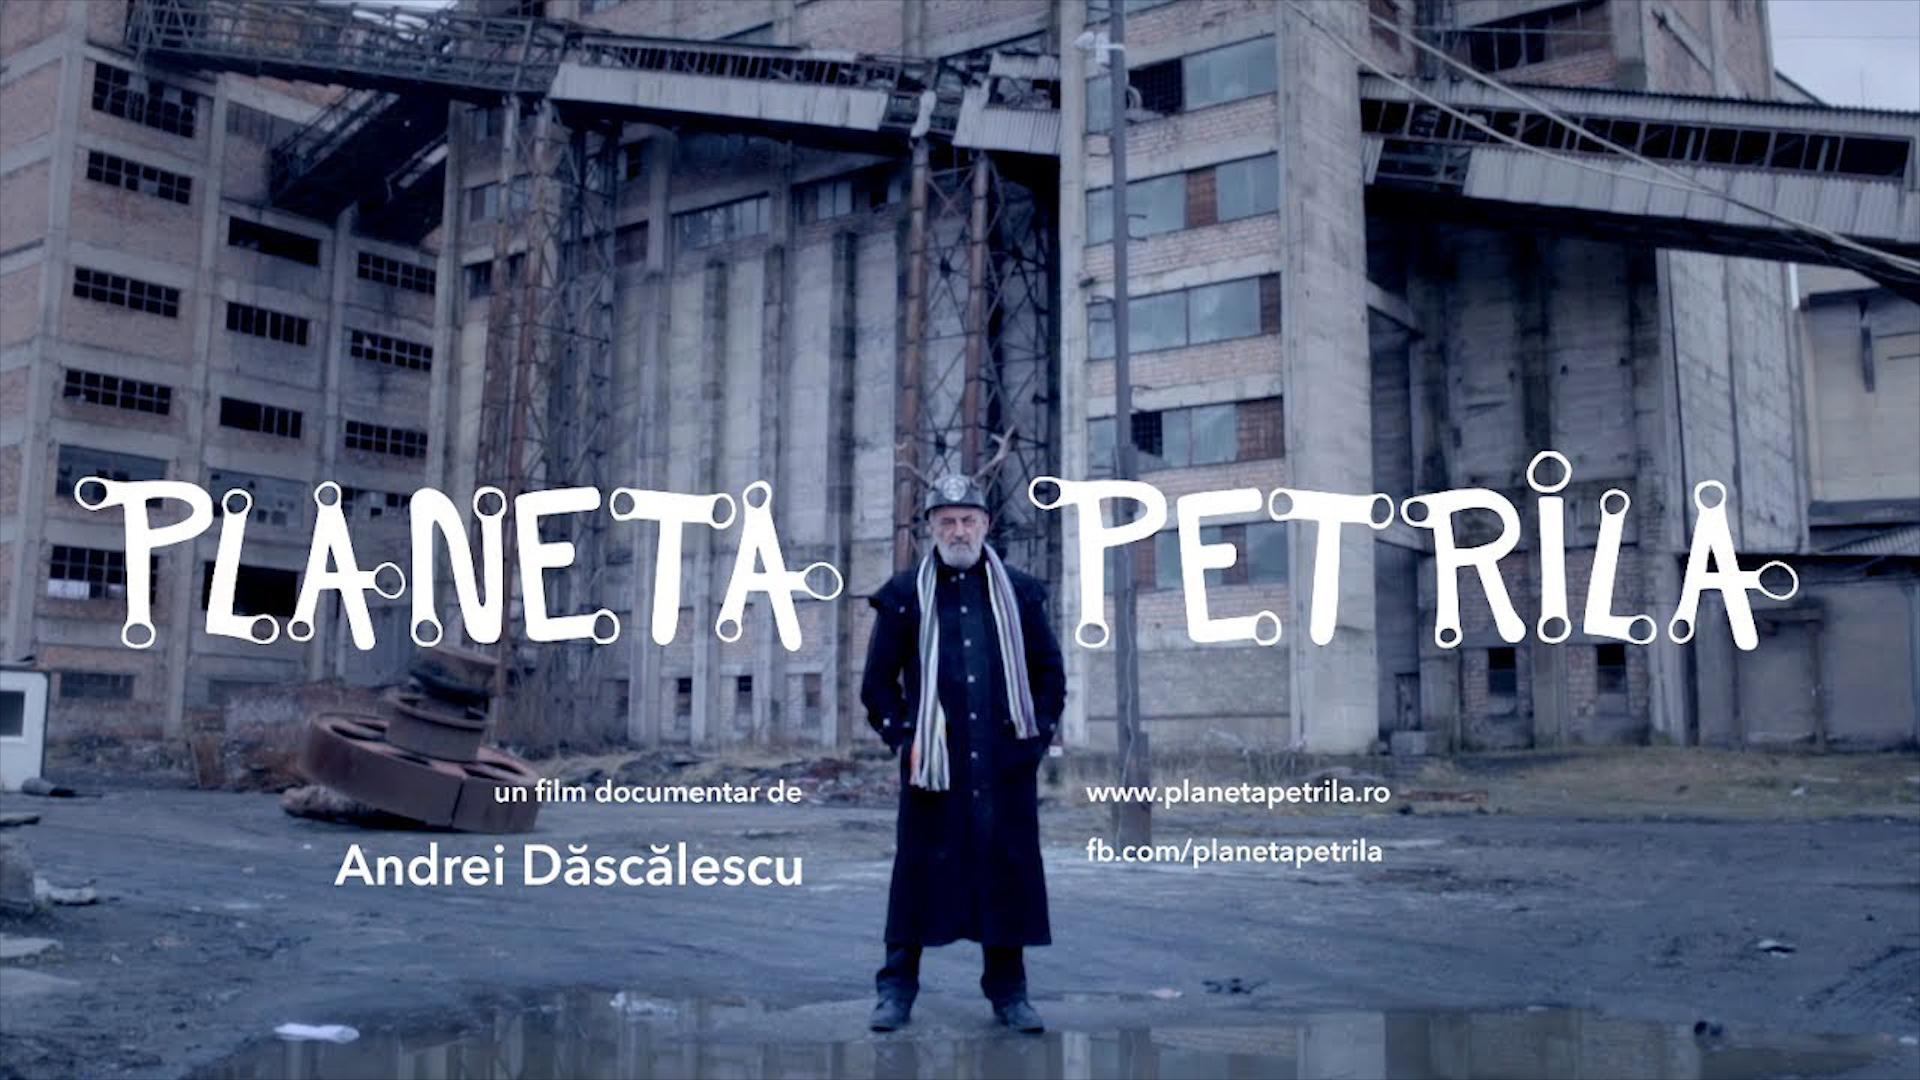 Afișul filmului documentar Planeta Petrila, de Andrei cosmescu, care transformă orașul minier într-o revelație